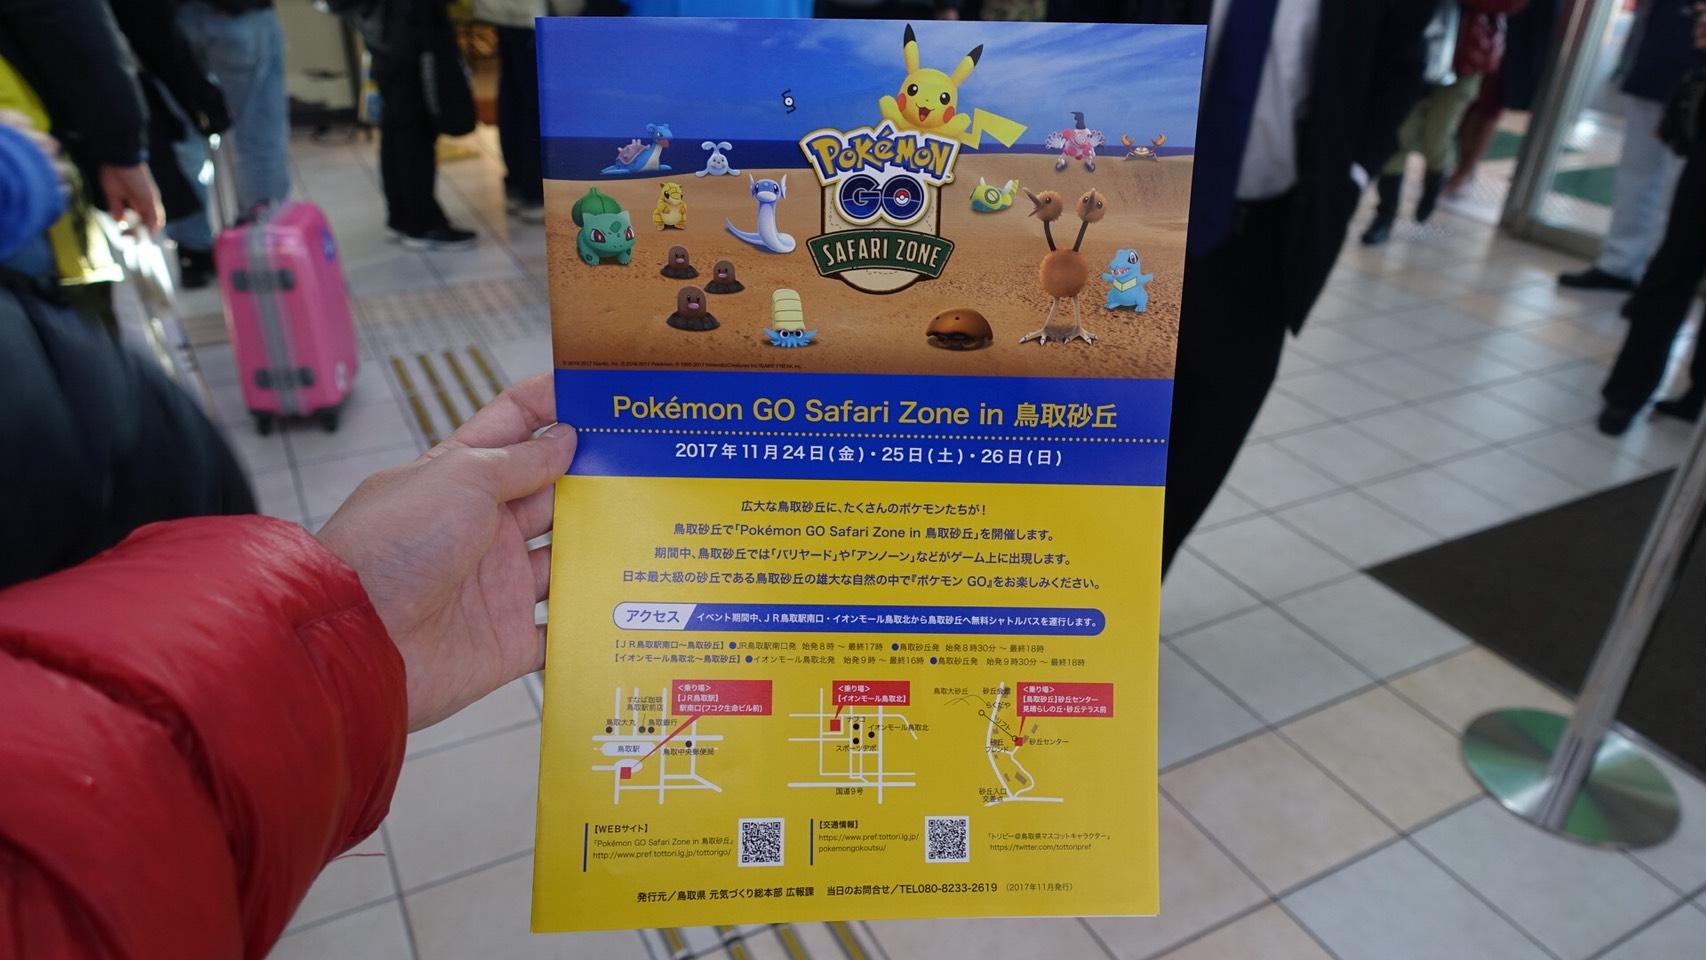 ポケモンgo鳥取イベントは超大盛況!pokémon go safari zone in 鳥取